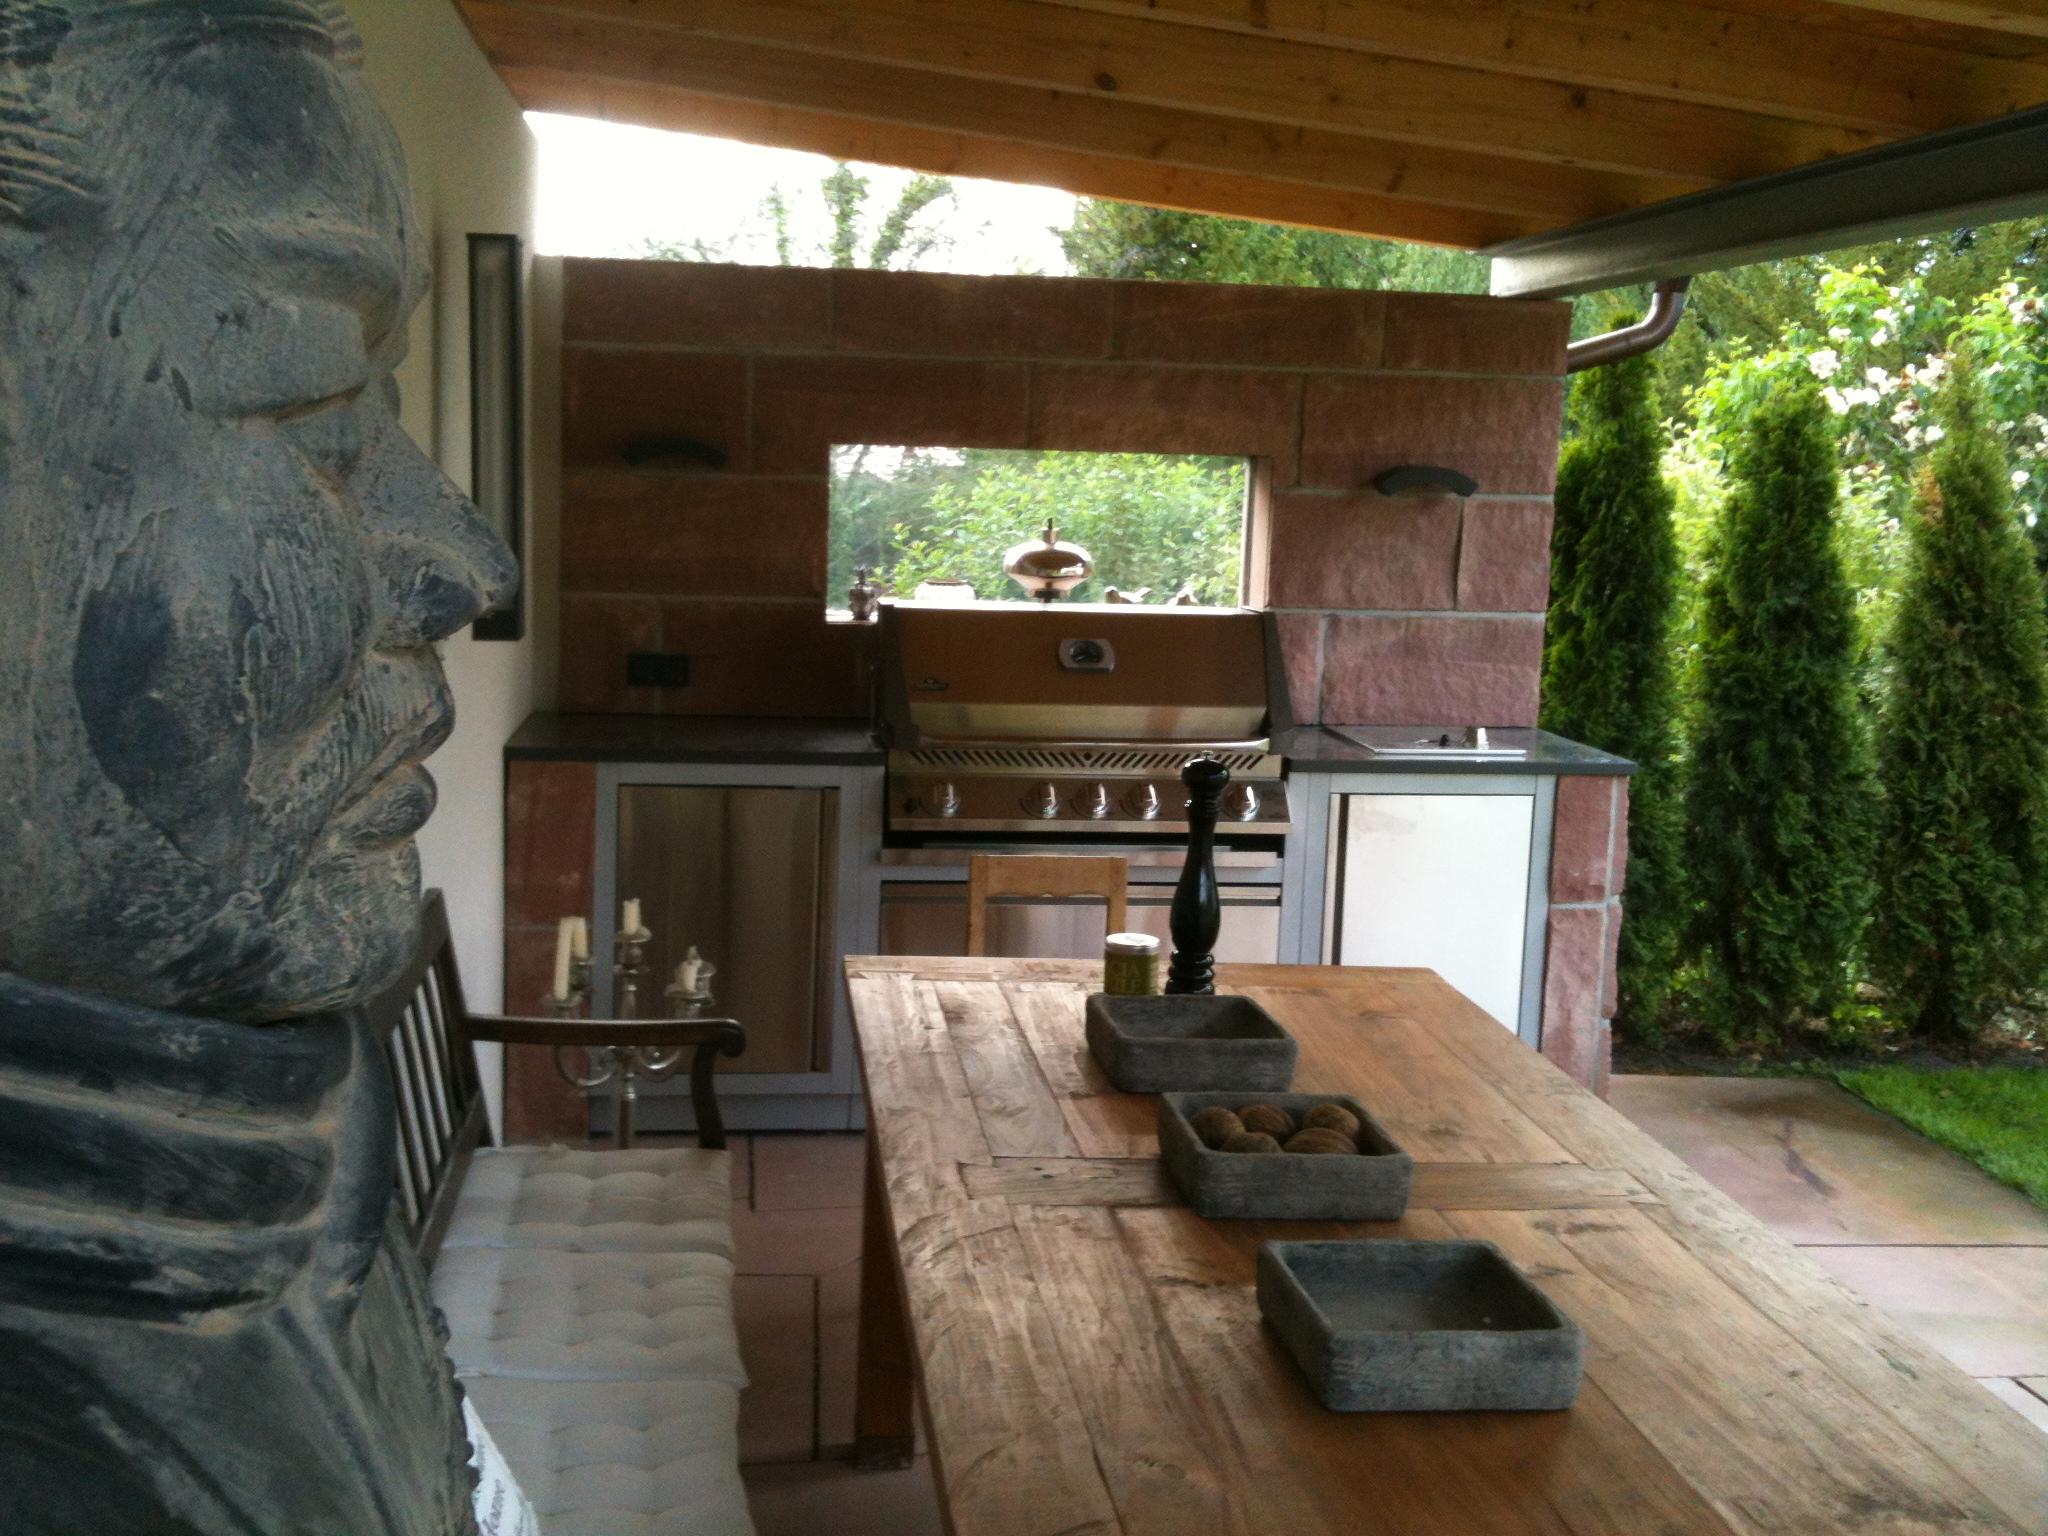 Gartenkche mit dem Oasis System von Napoleon  Grill News